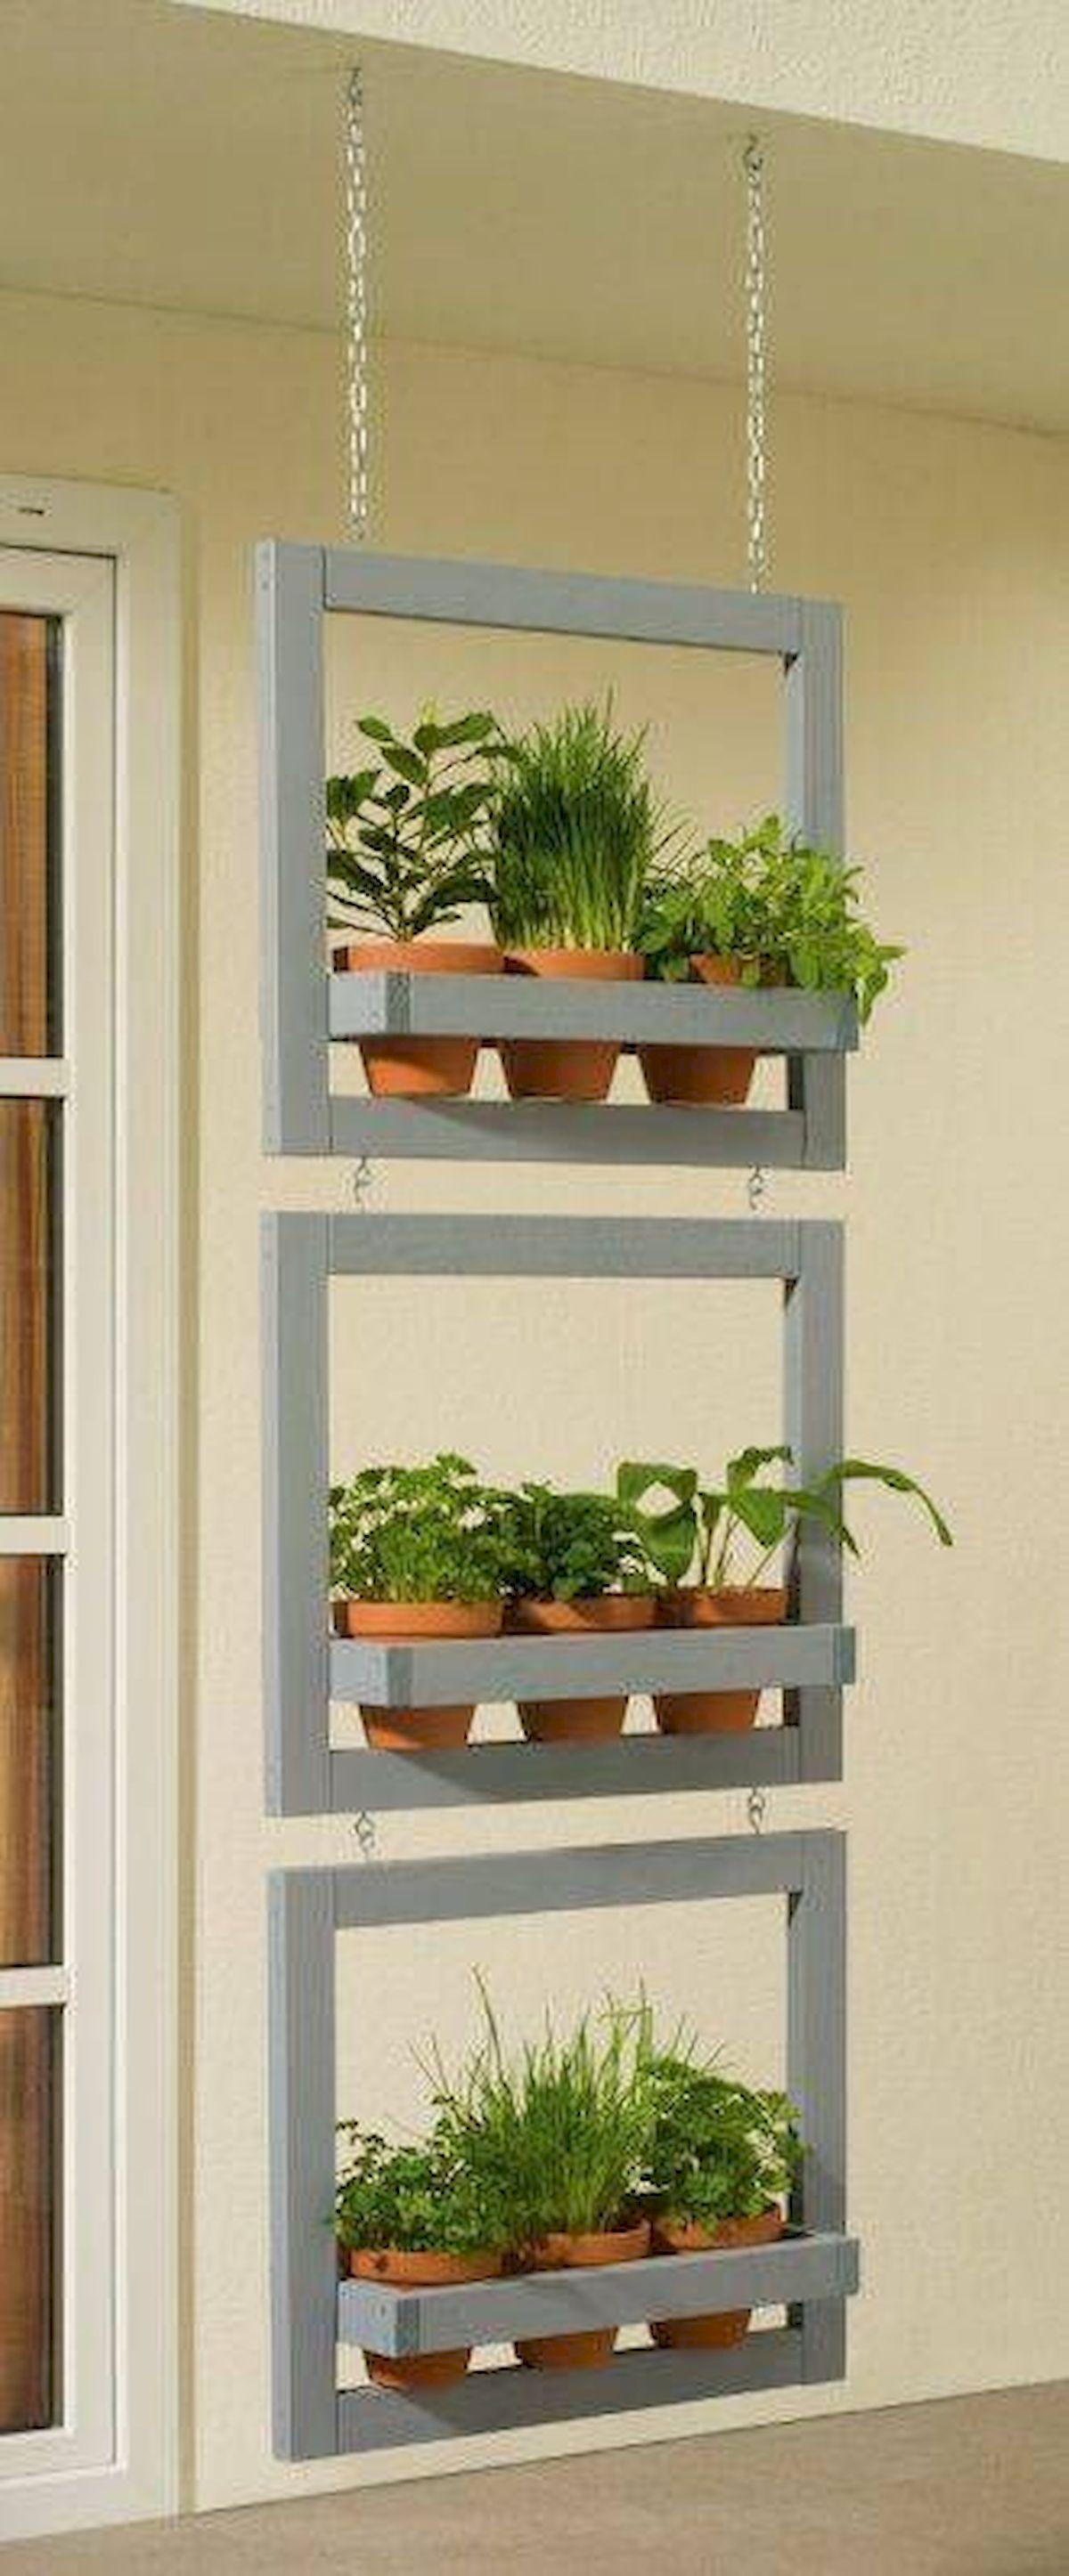 44 Creative DIY Vertical Garden Ideas To Make Your Home Beautiful (23)